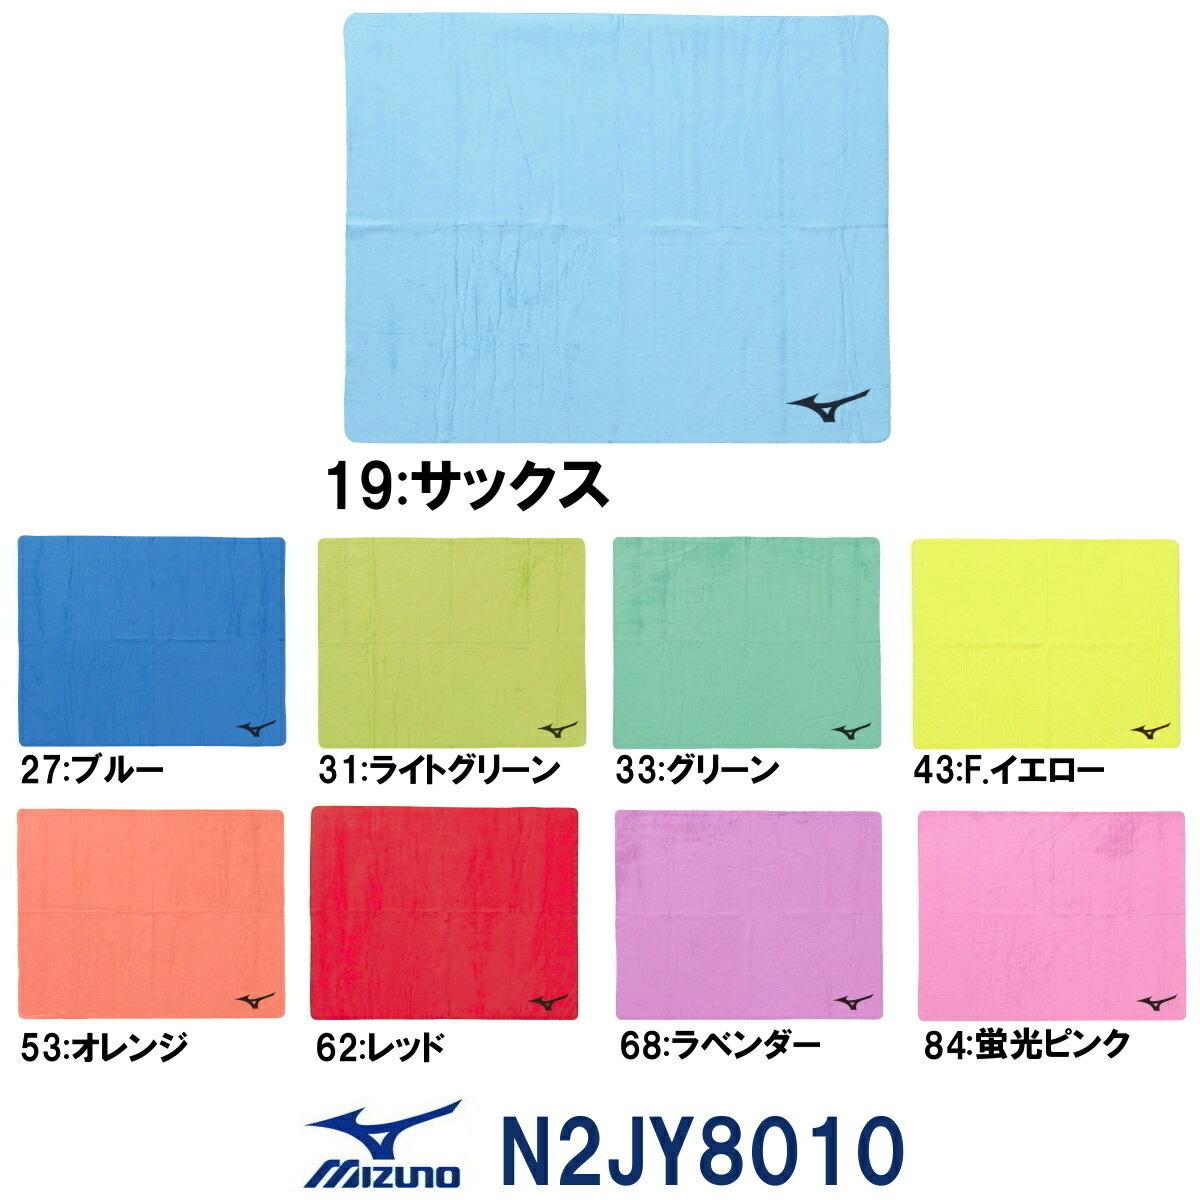 ミズノ MIZUNO 水泳 セームタオル スイムタオル (大きいサイズ) スイミング 水泳用小物 N2JY8010